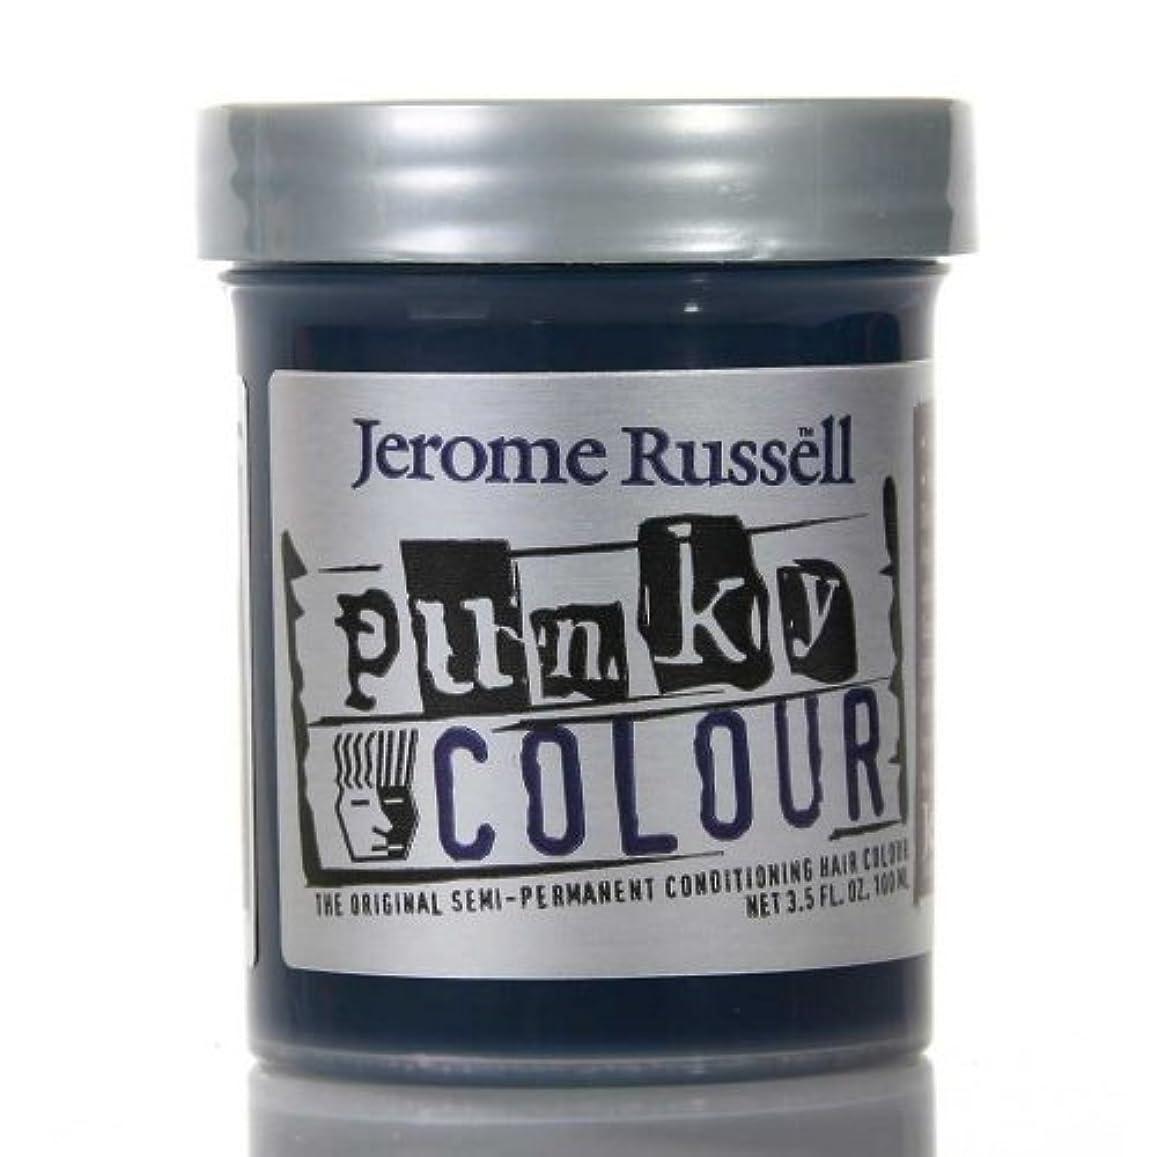 欠員不正代理人JEROME RUSSELL Punky Color Semi-Permanent Conditioning Hair Color - Midnight Blue (並行輸入品)